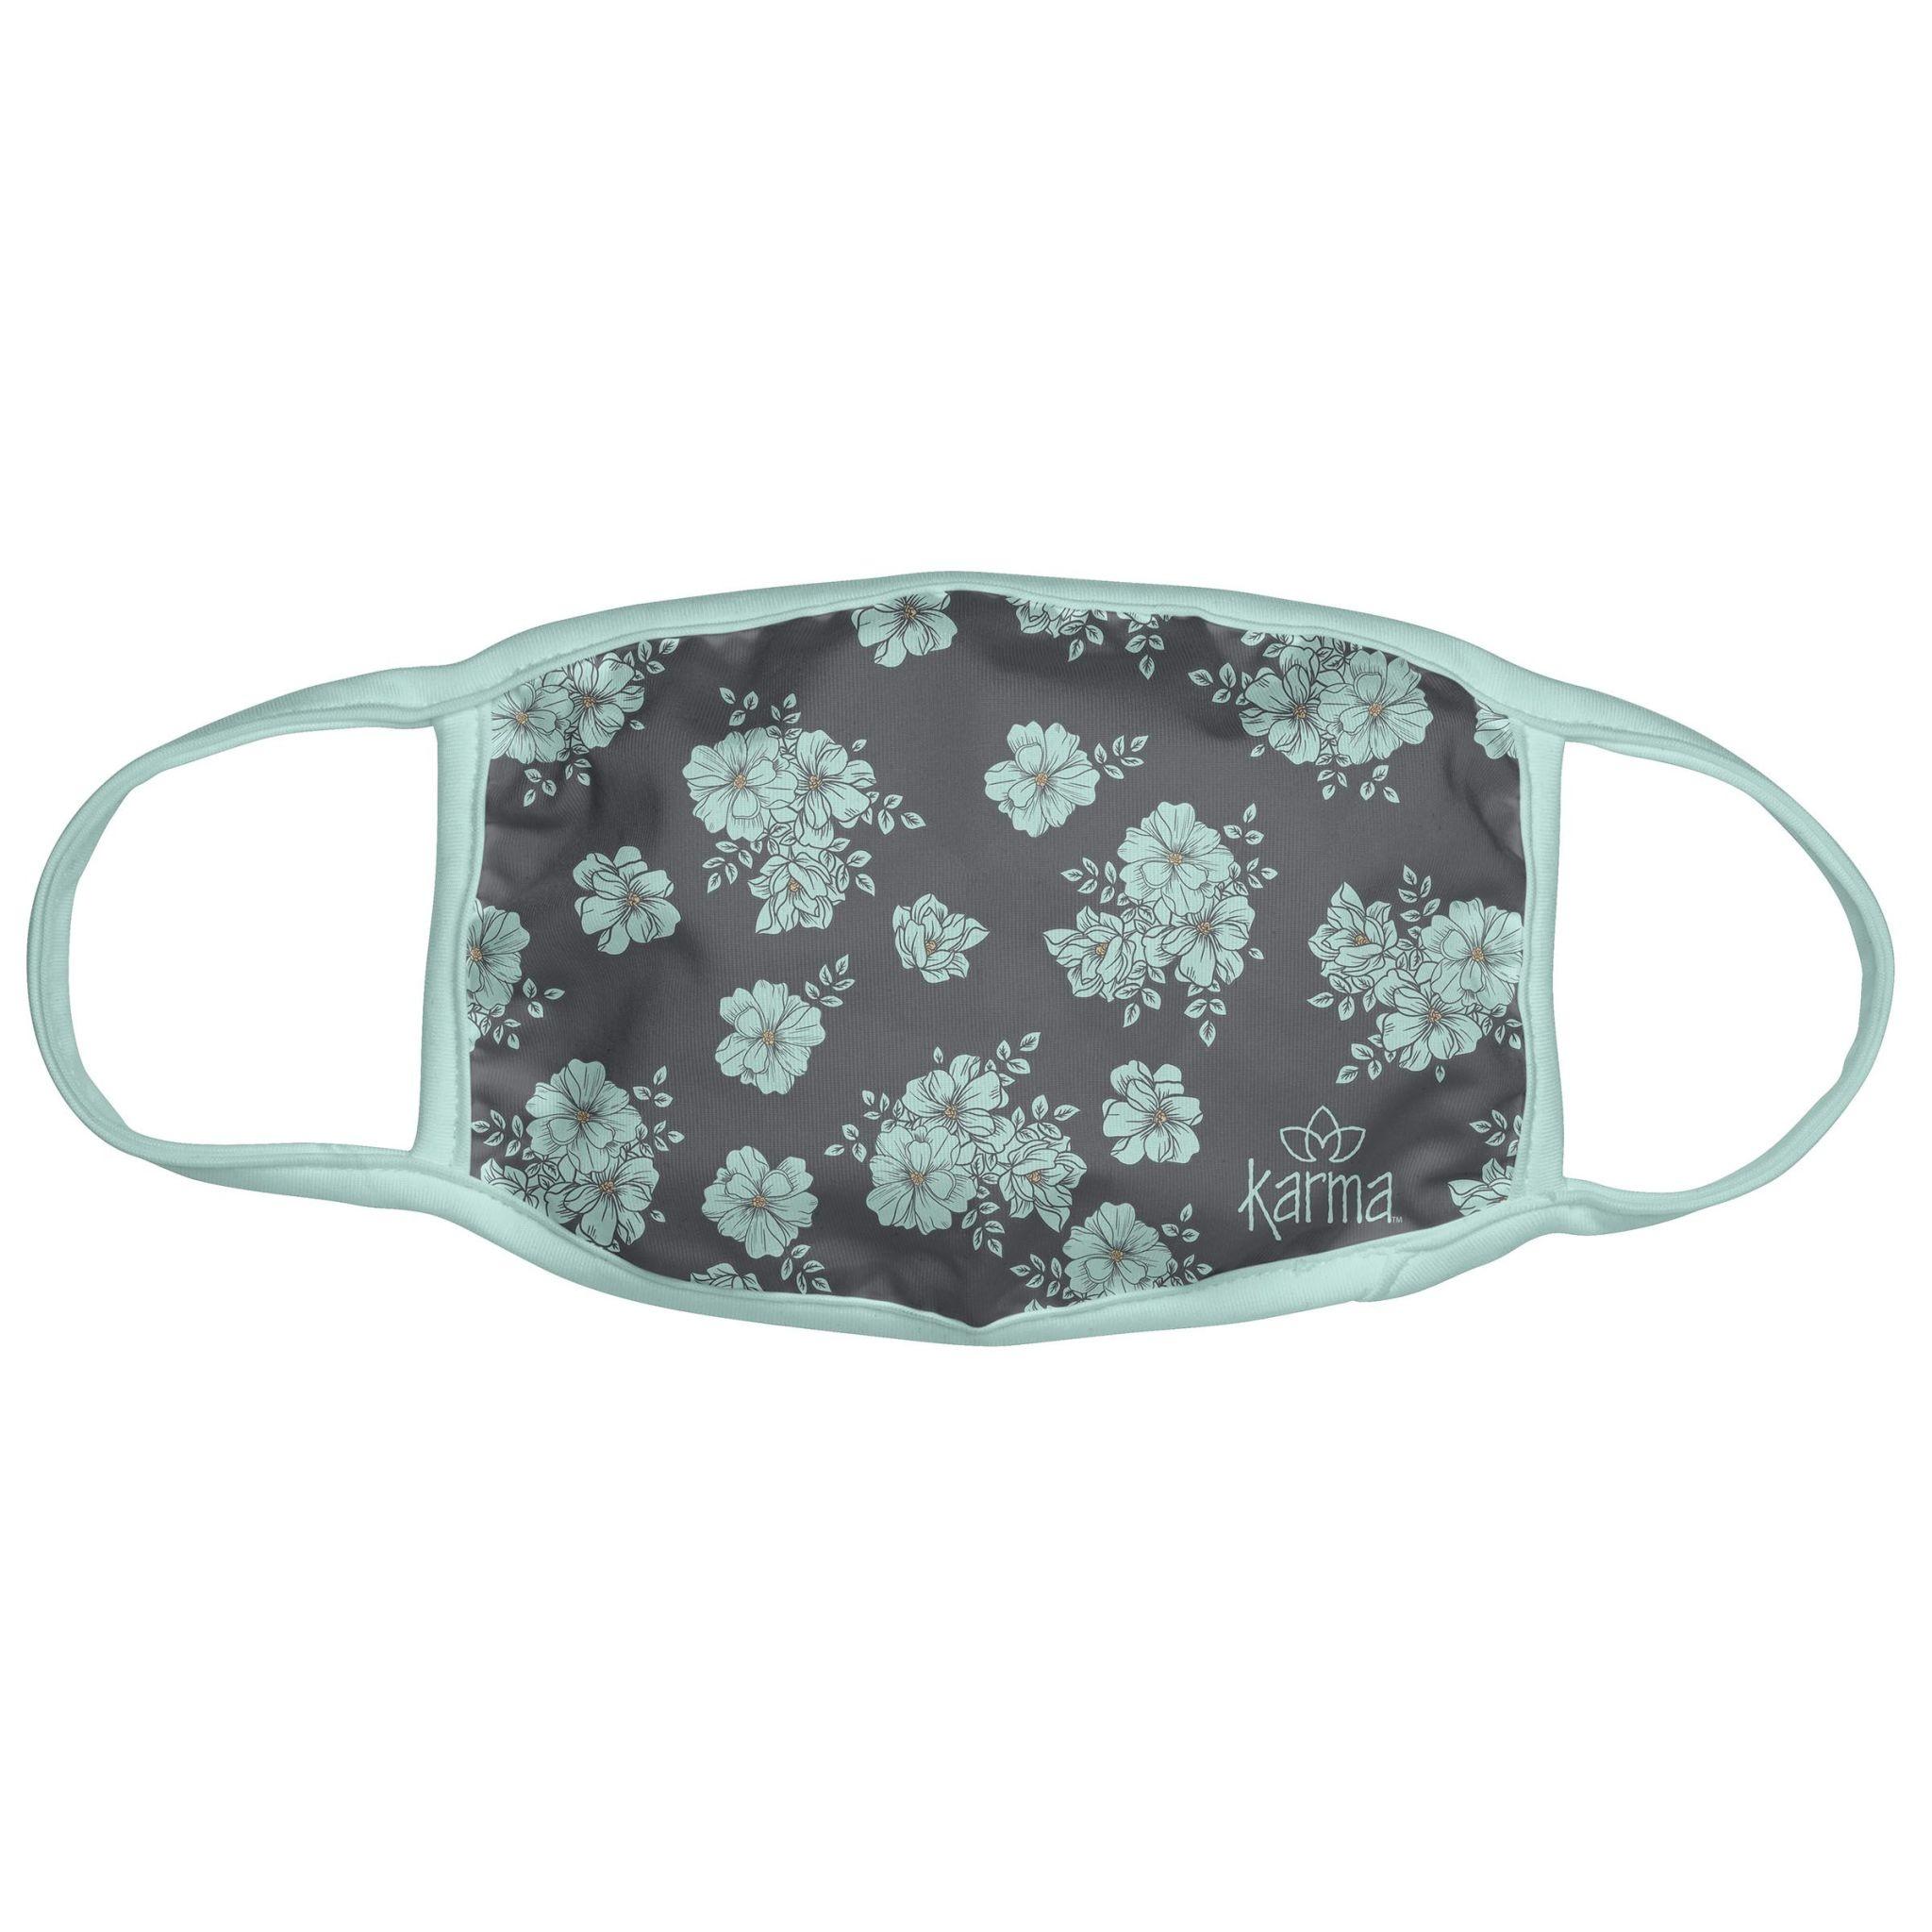 Karma Face Mask - Adult - Blue Floral